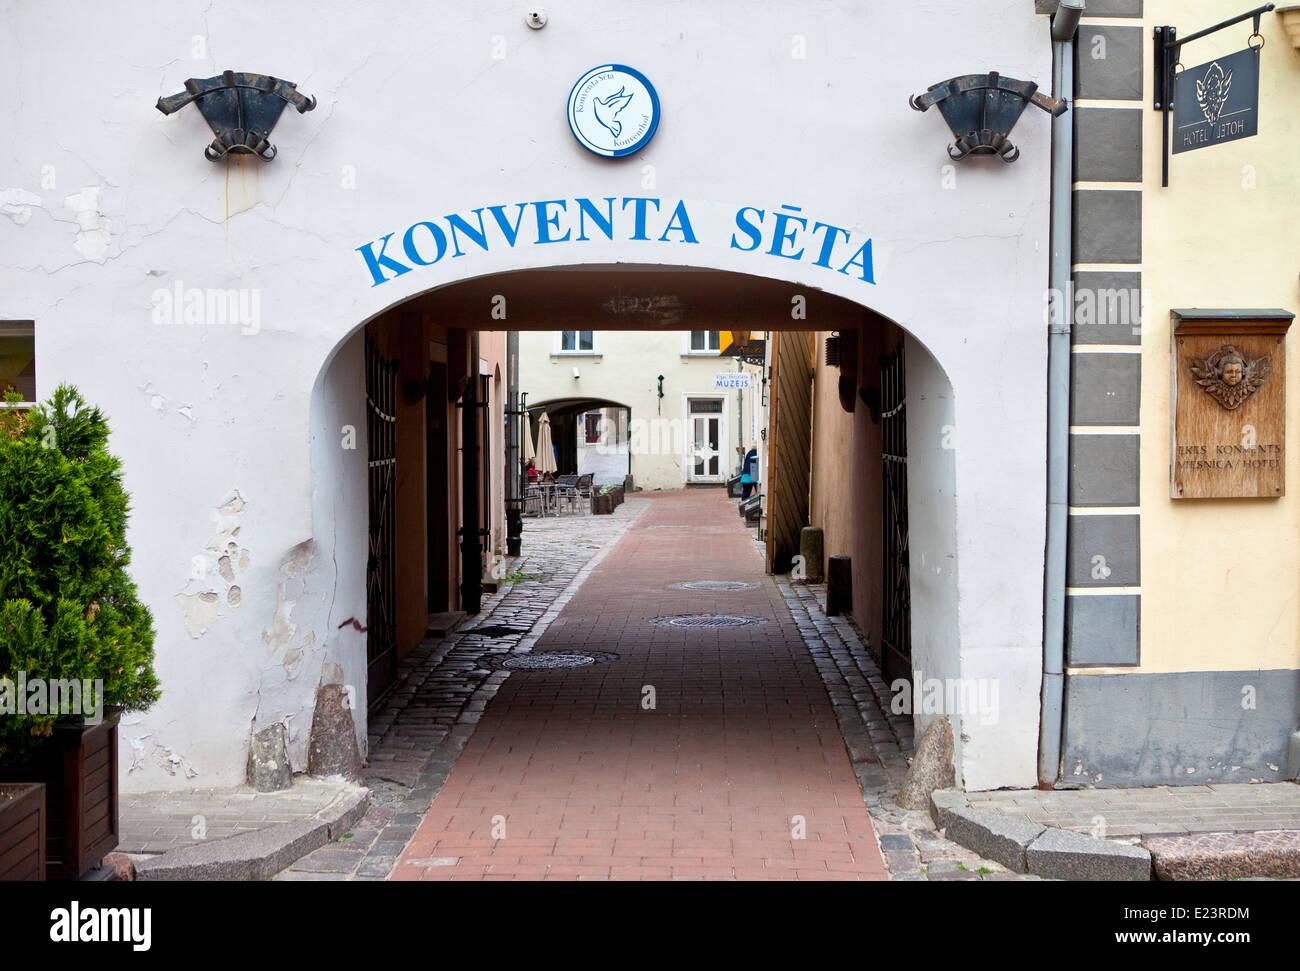 Il portone che conduce il Covent cantiere nella Citta' Vecchia di Riga, Lettonia. Immagini Stock